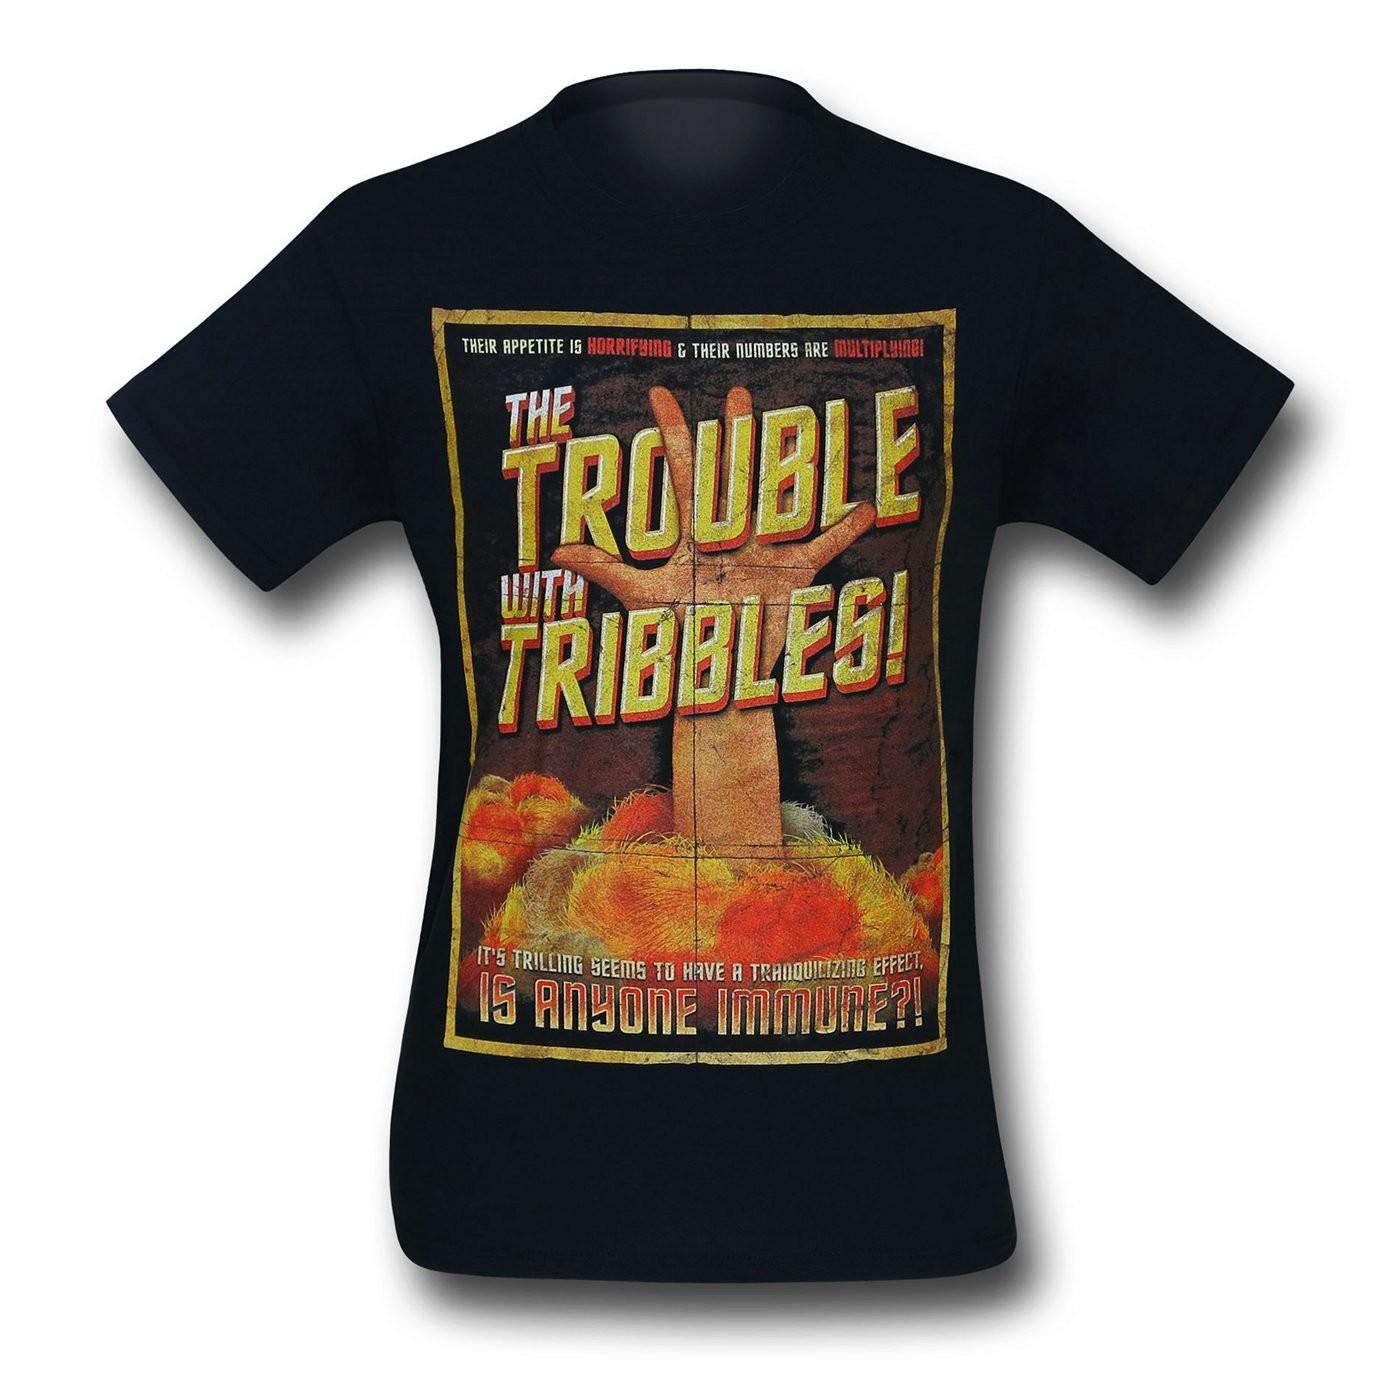 Star Trek Tribbles Movie Poster T-Shirt